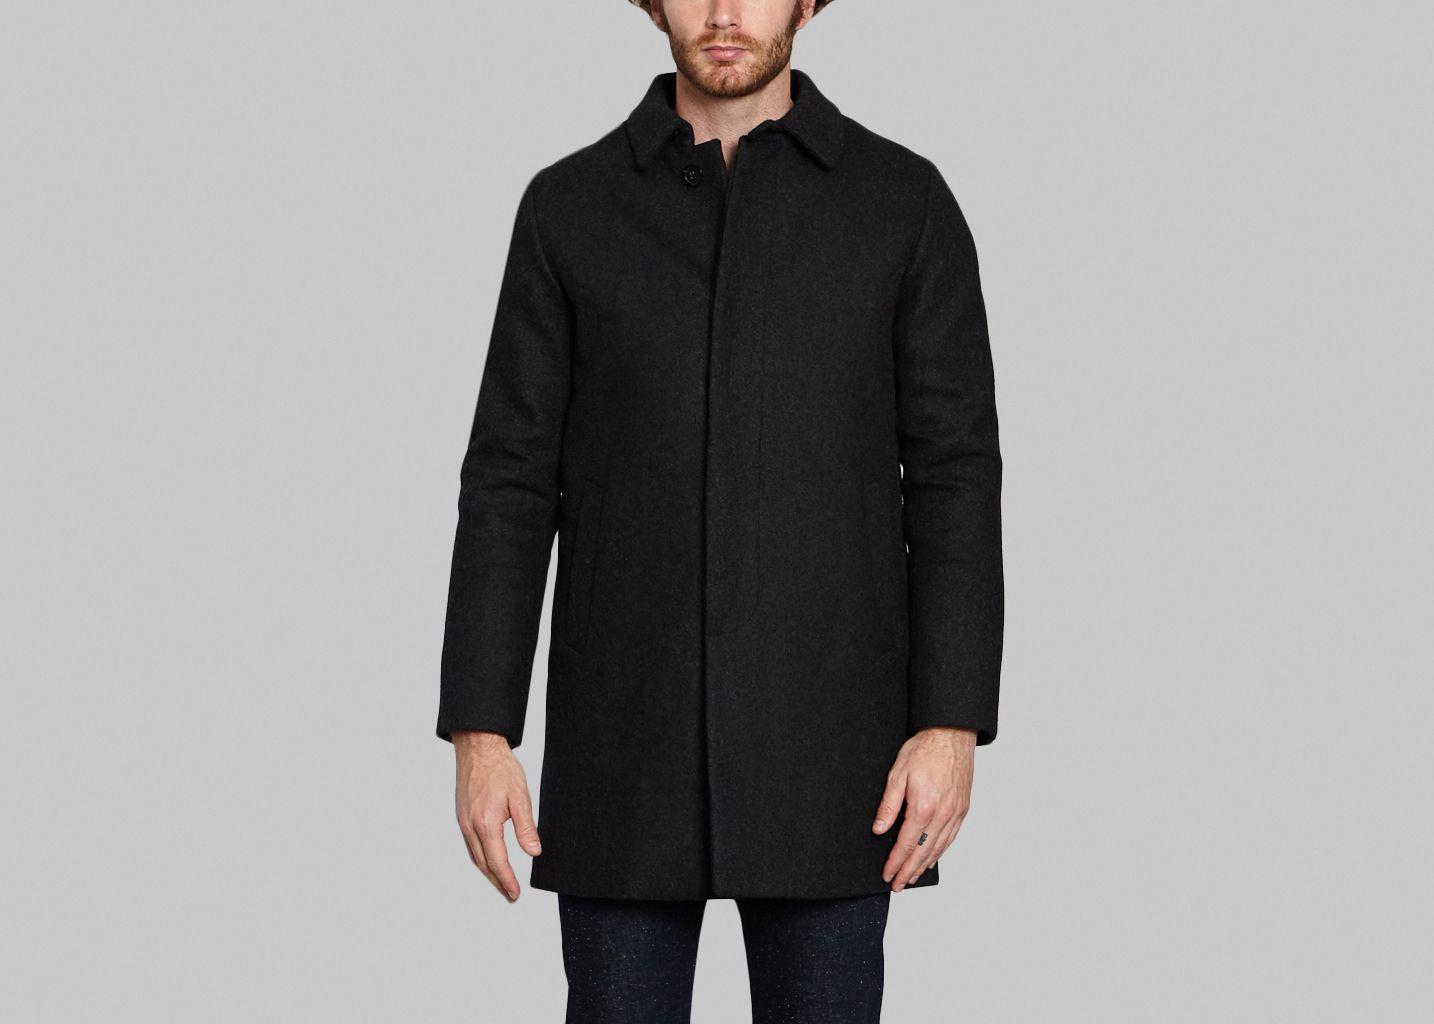 Manteau Classique - Maison Kitsuné